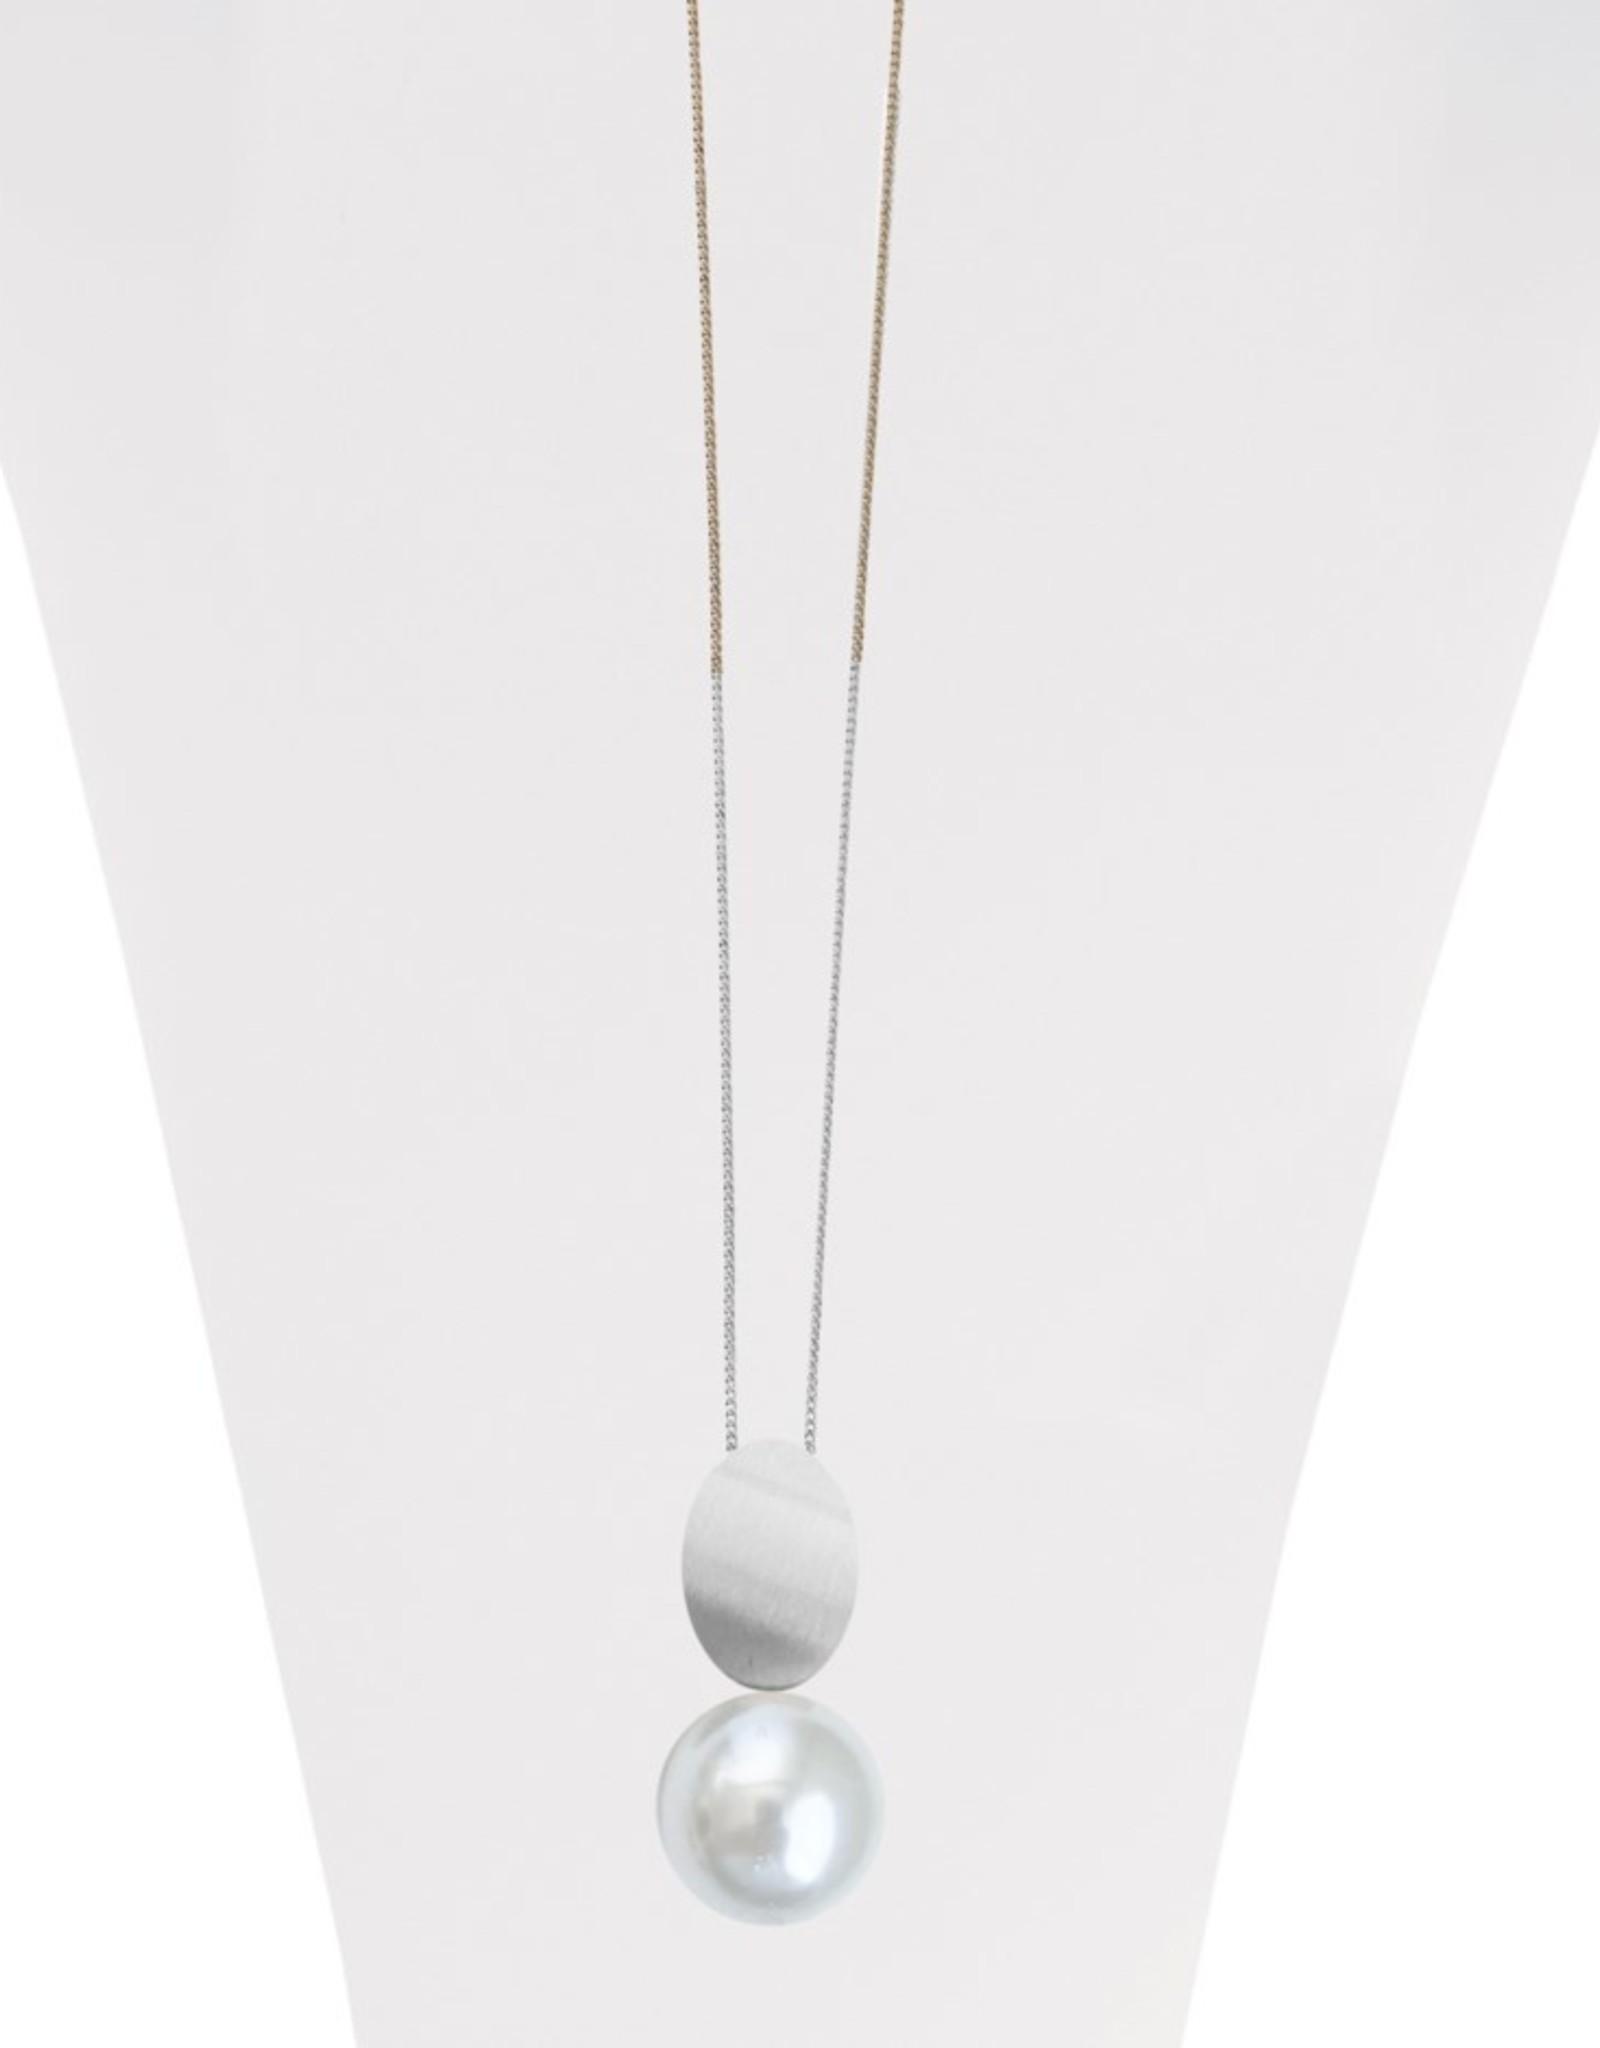 Long collier ajustable avec pendentif métalique brossé et perle-argent